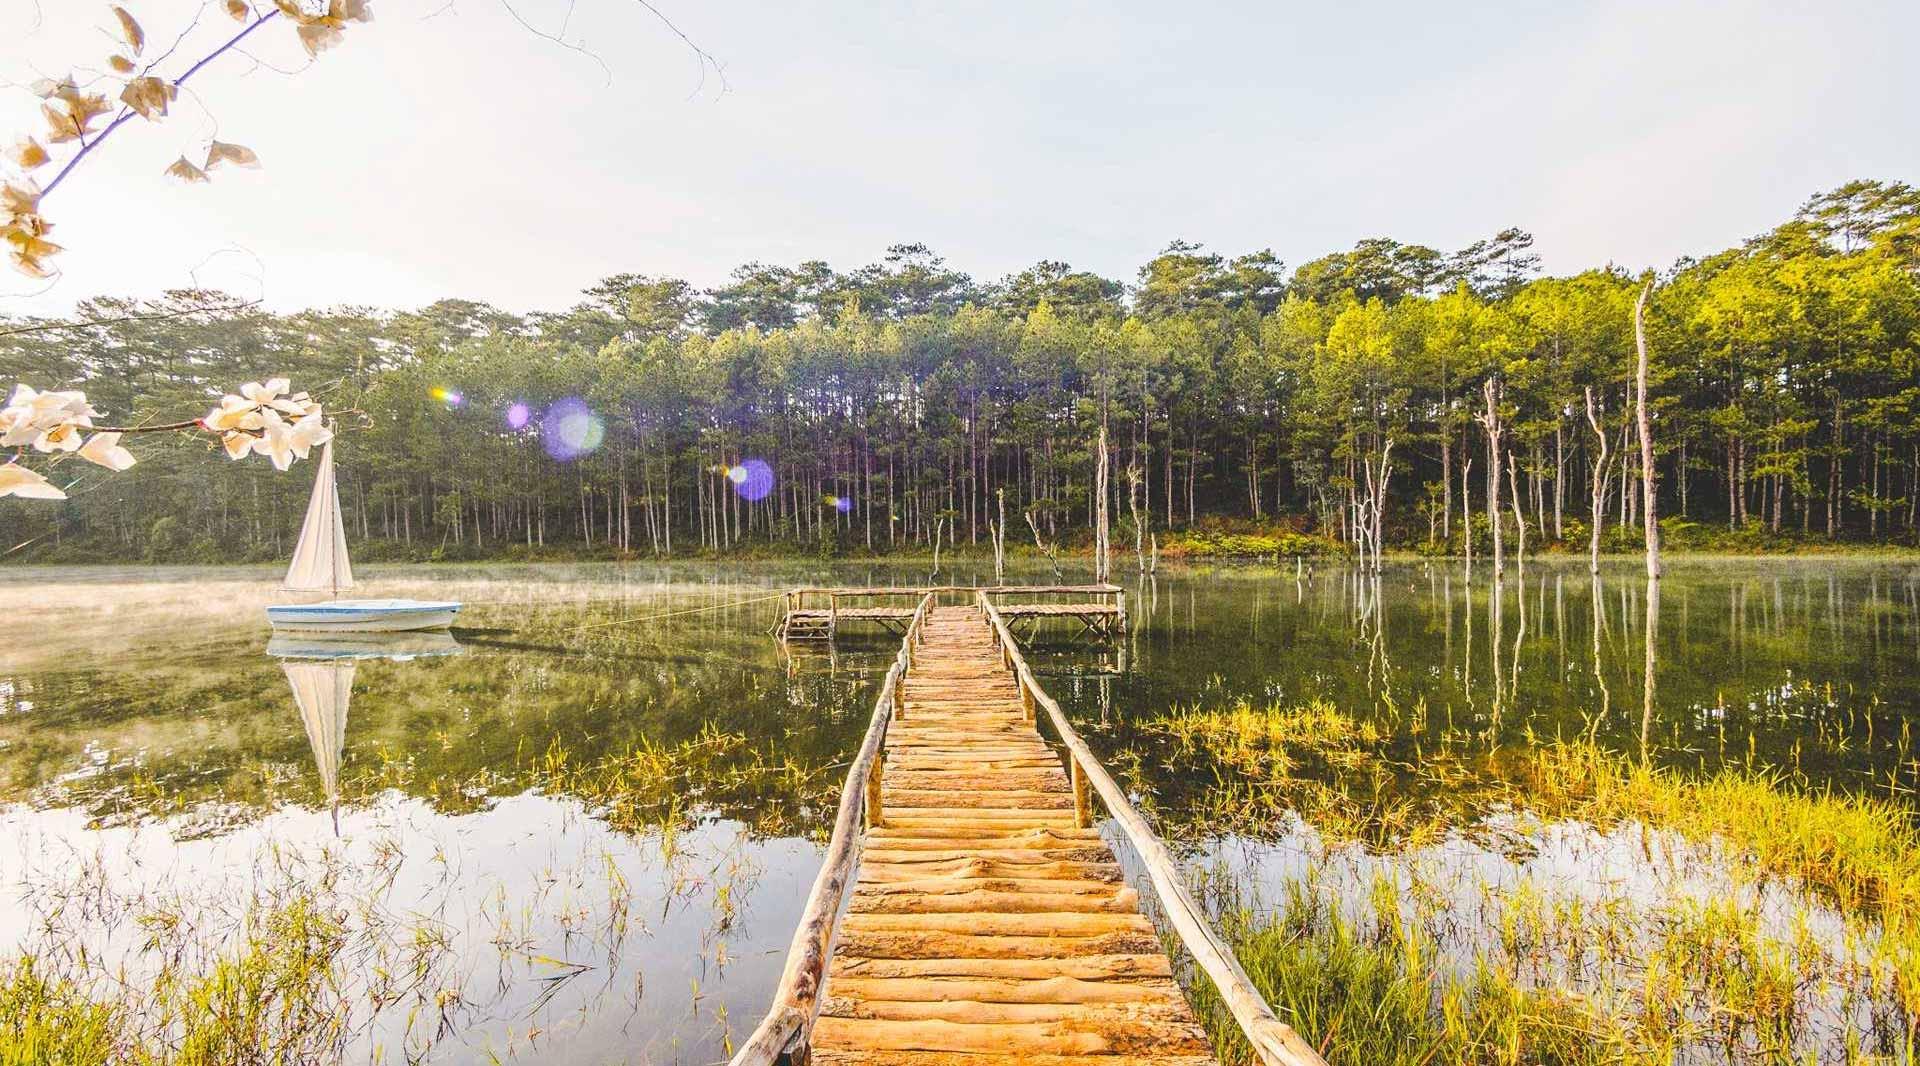 Top địa điểm du lịch Đà Lạt hấp dẫn phải đến 2020